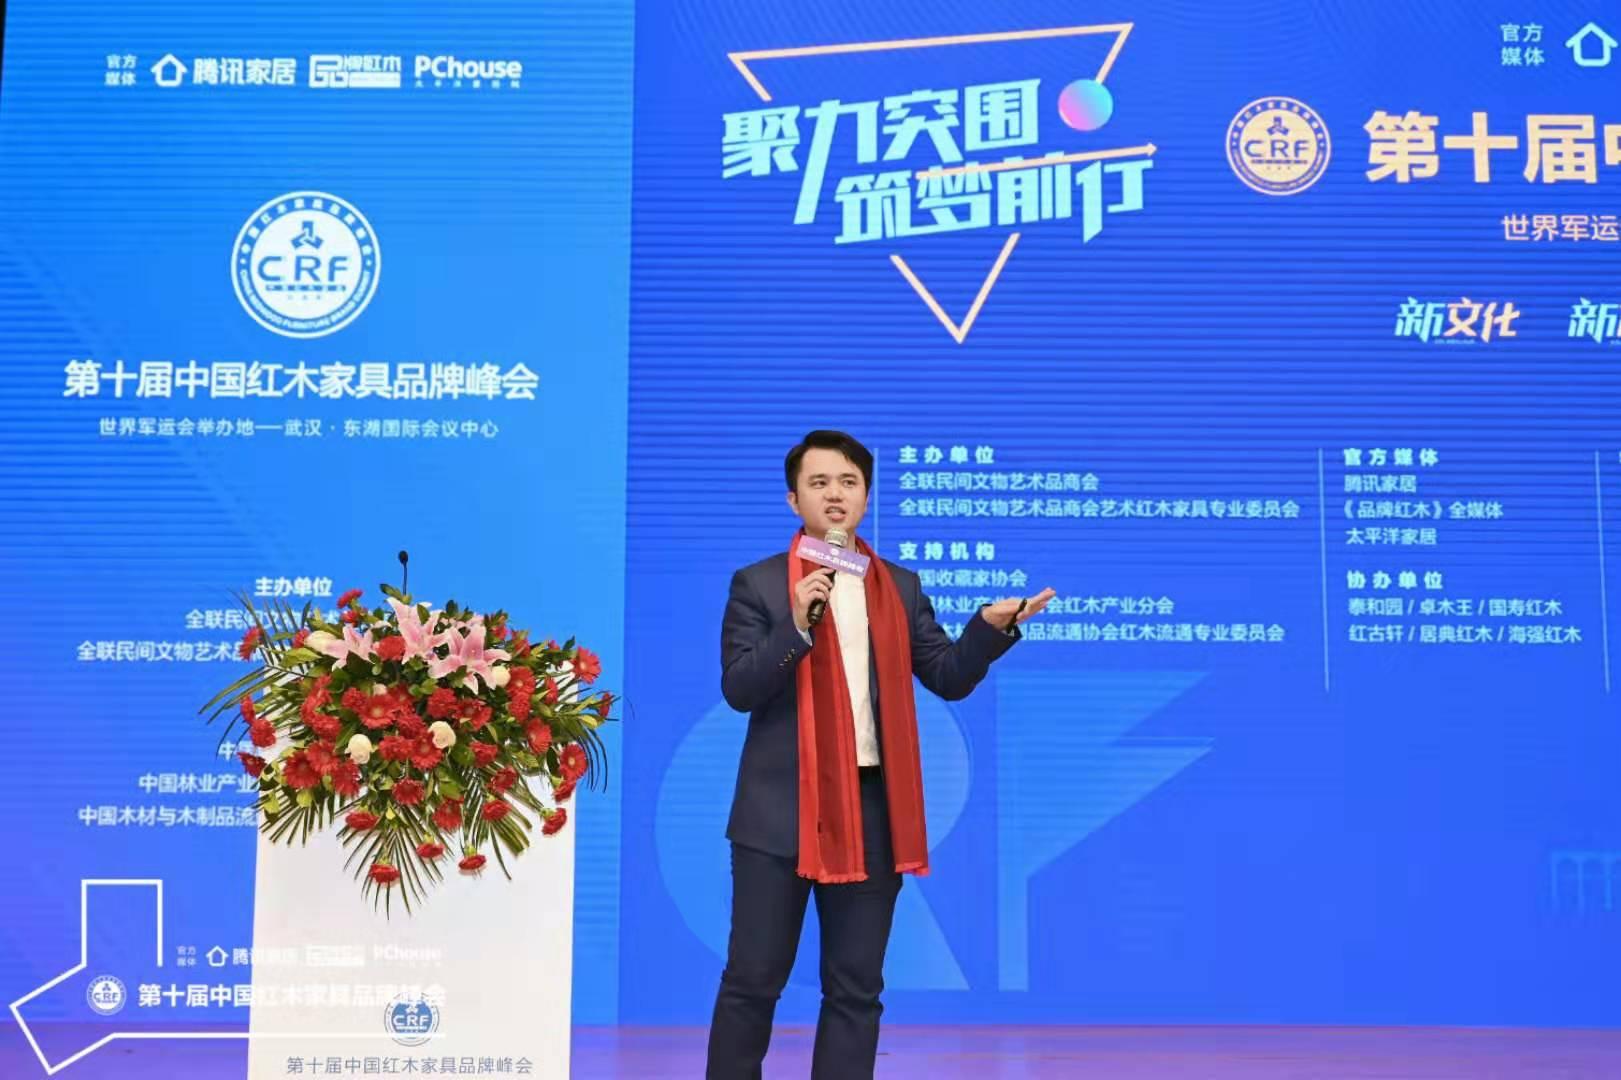 全联艺术红木家具专业委员会执行会长、弘木传媒CEO林伟华主题分享:《新周期新营销》